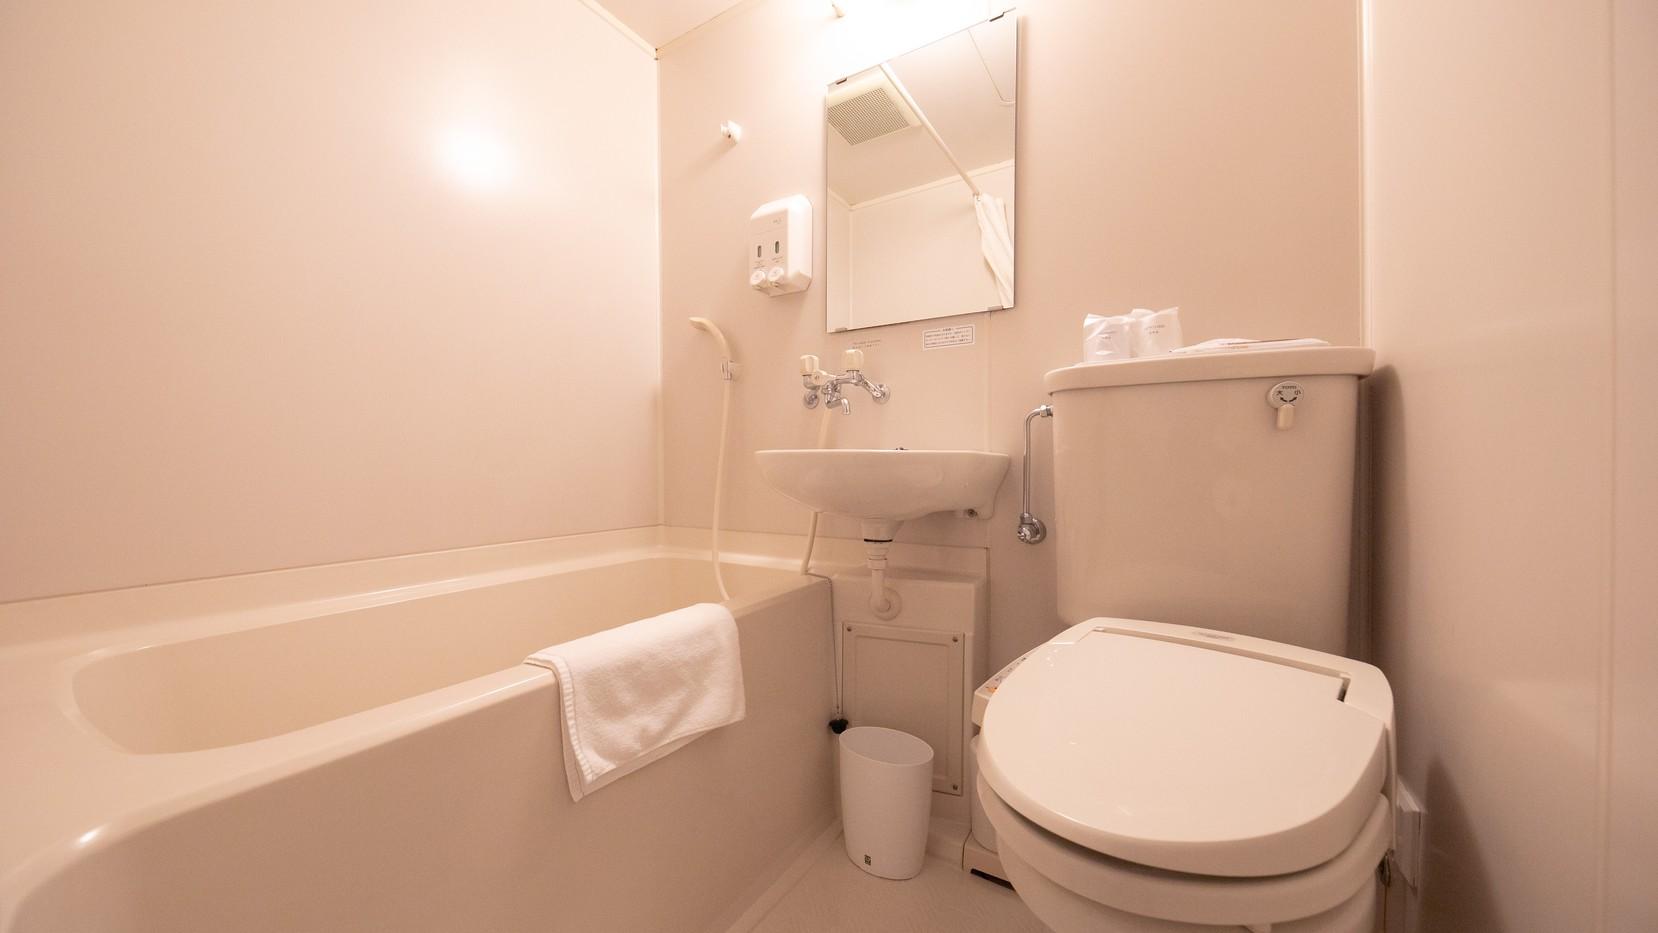 【バスルーム】清潔感溢れるユニットタイプのバスルーム※ウォシュレット対応